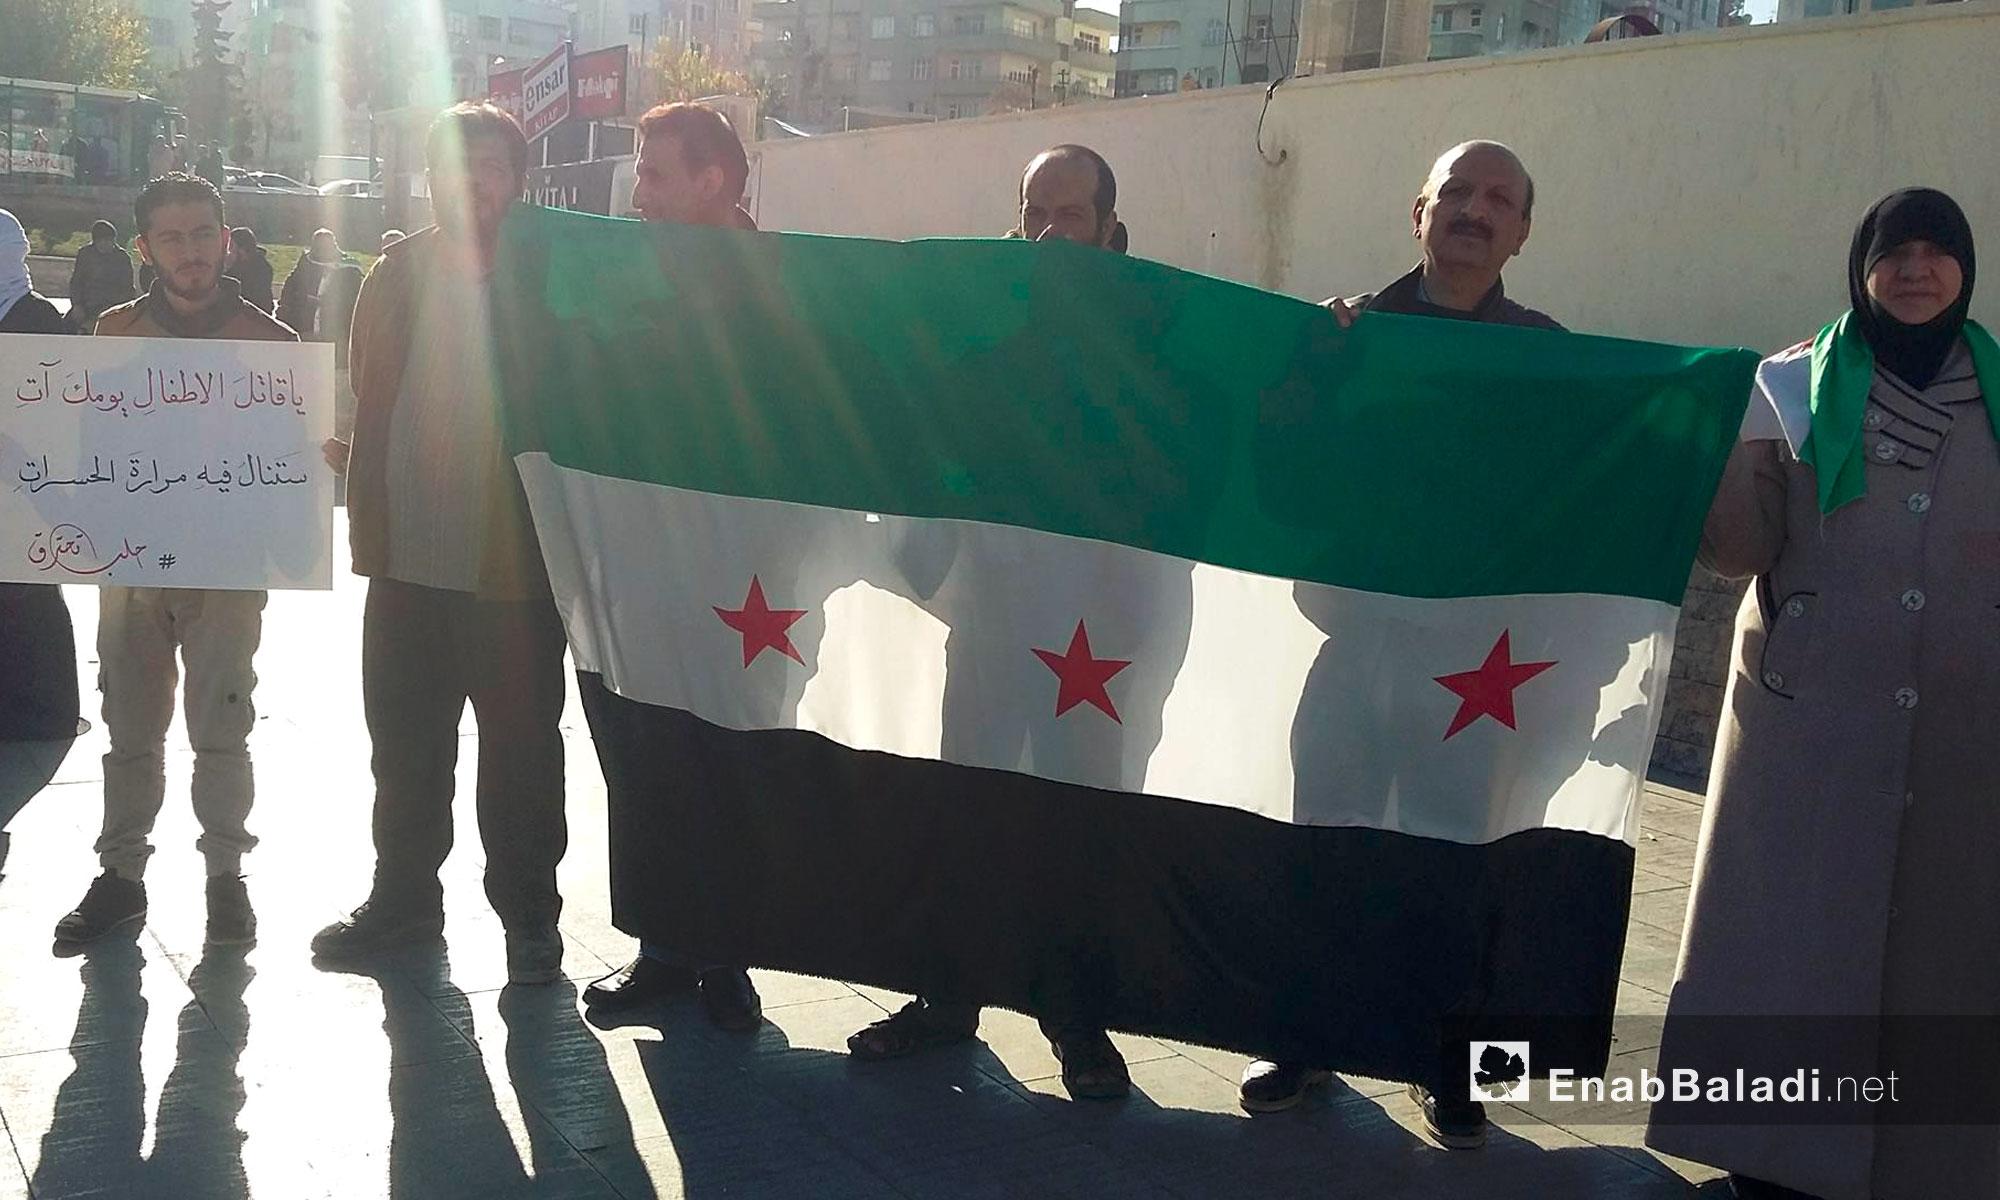 سوريون يحملون علم الثورة في مدينة أورفة التركية - 25 تشرين الثاني 2016 (عنب بلدي)